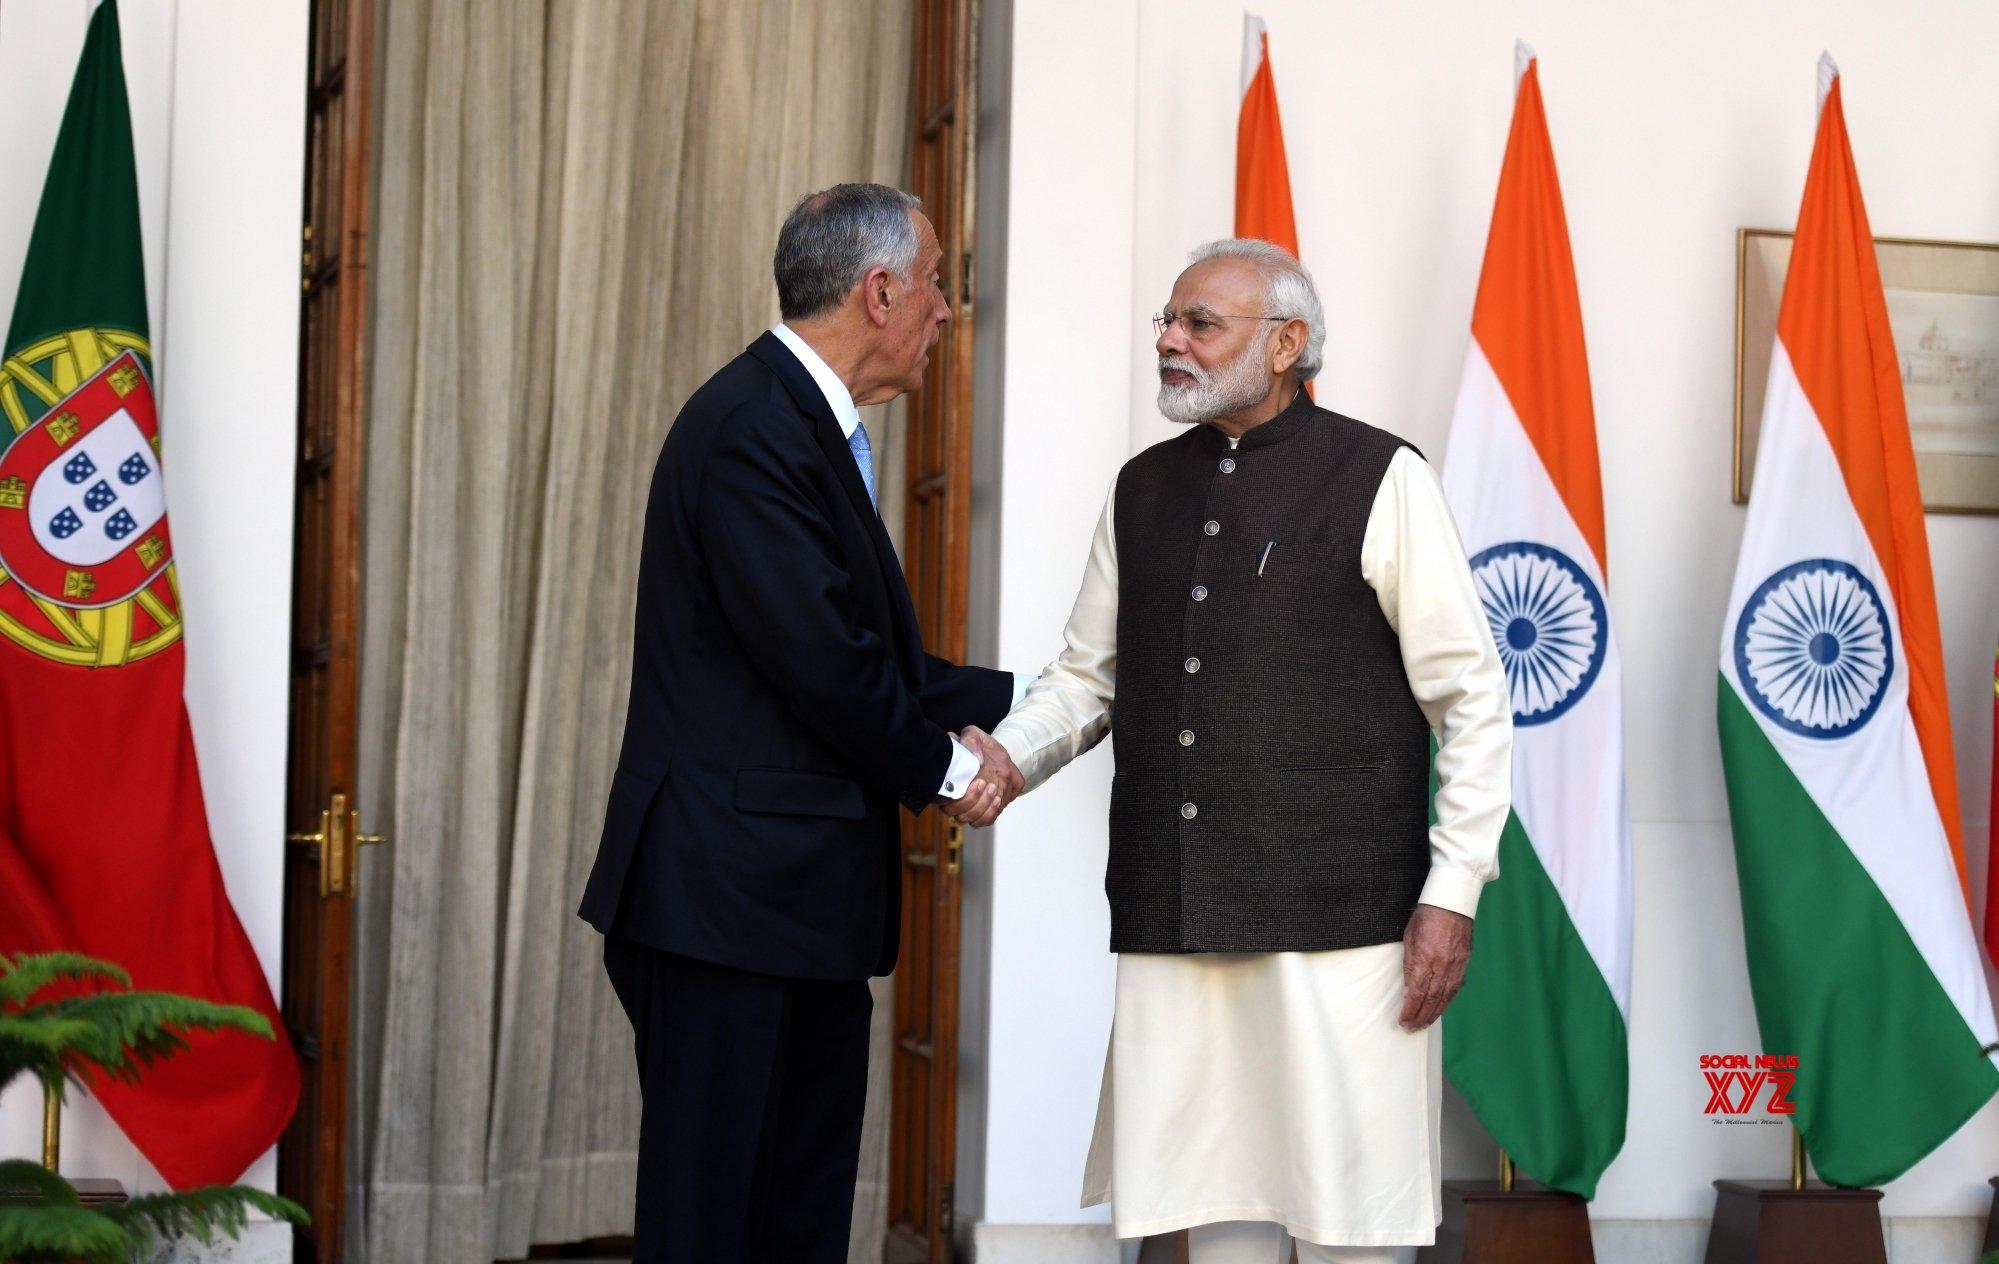 New Delhi: PM Modi, Portuguese President at Hyderabad House #Gallery